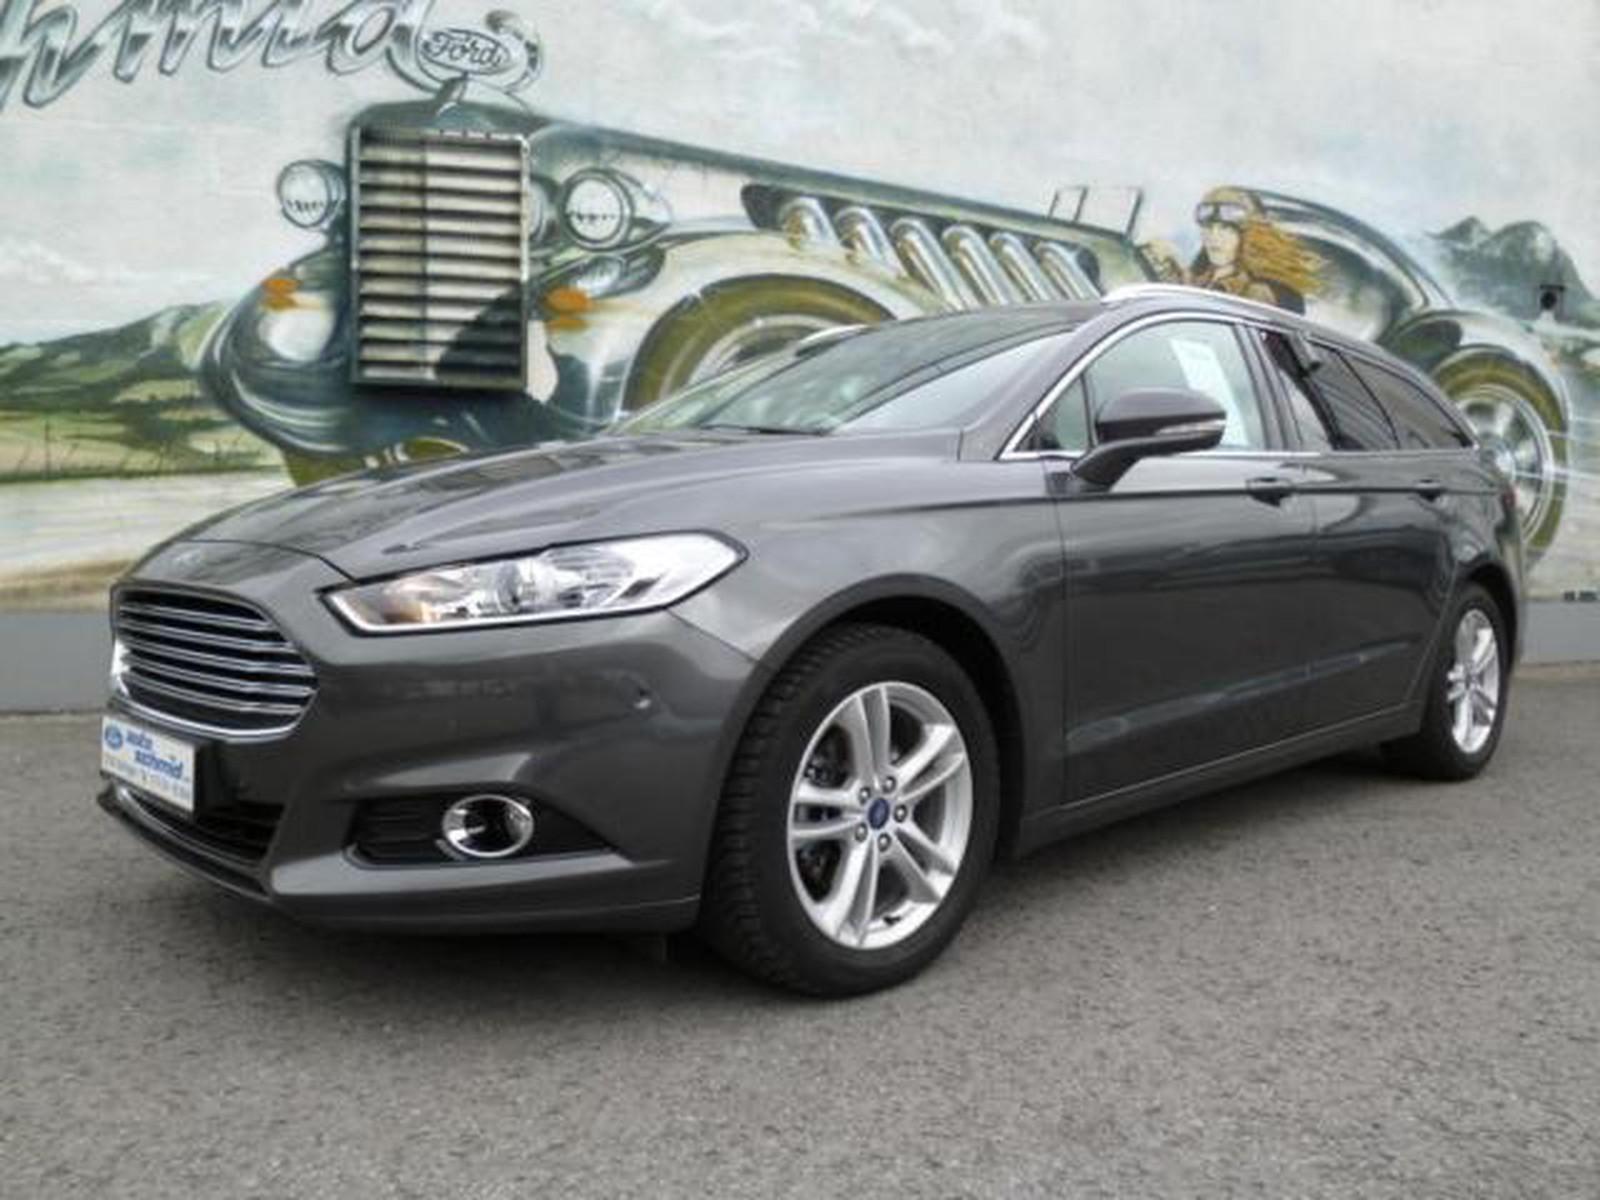 Ford Mondeo 2 0 Tdci Titanium Jahreswagen Kaufen In Vohringen Preis 21550 Eur Int Nr 57208